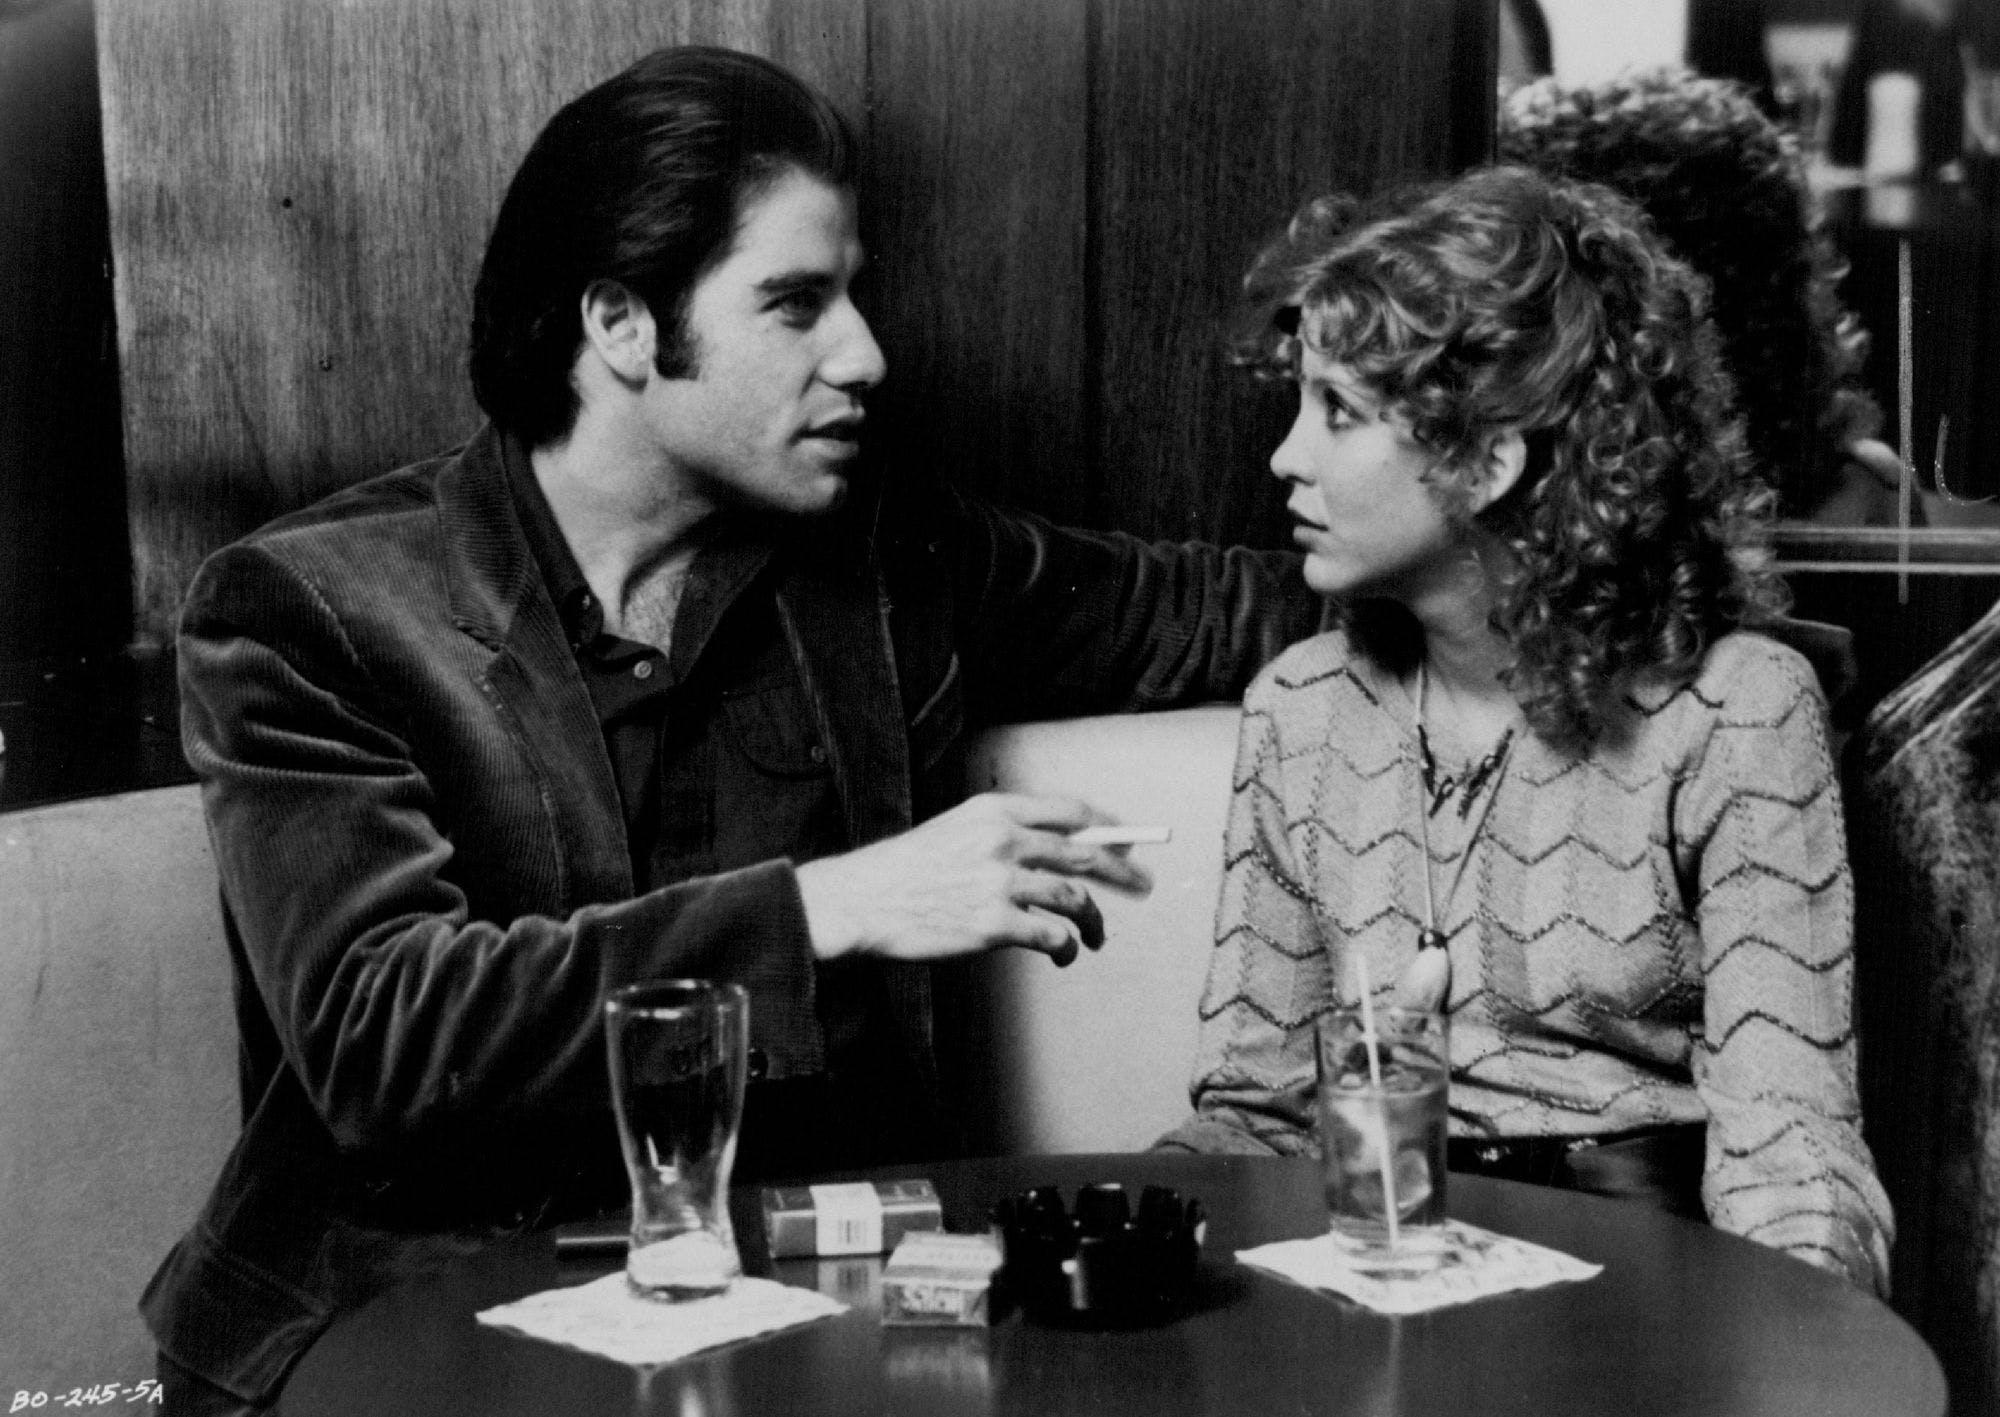 John Travolta and Nancy Allen in